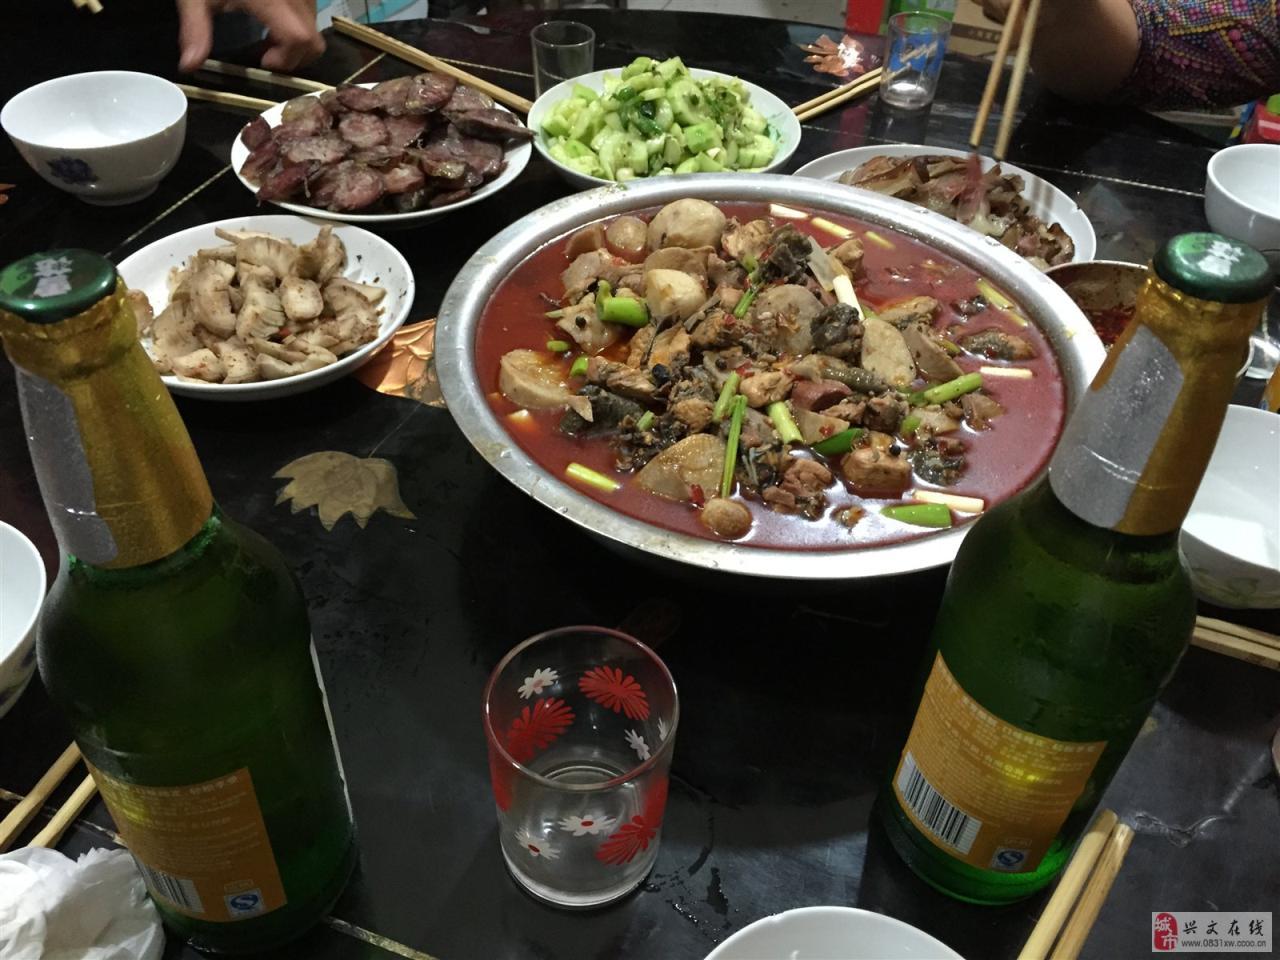 外地网友美食兴文爱上_美食街_兴文v网友美食自媒体人图片